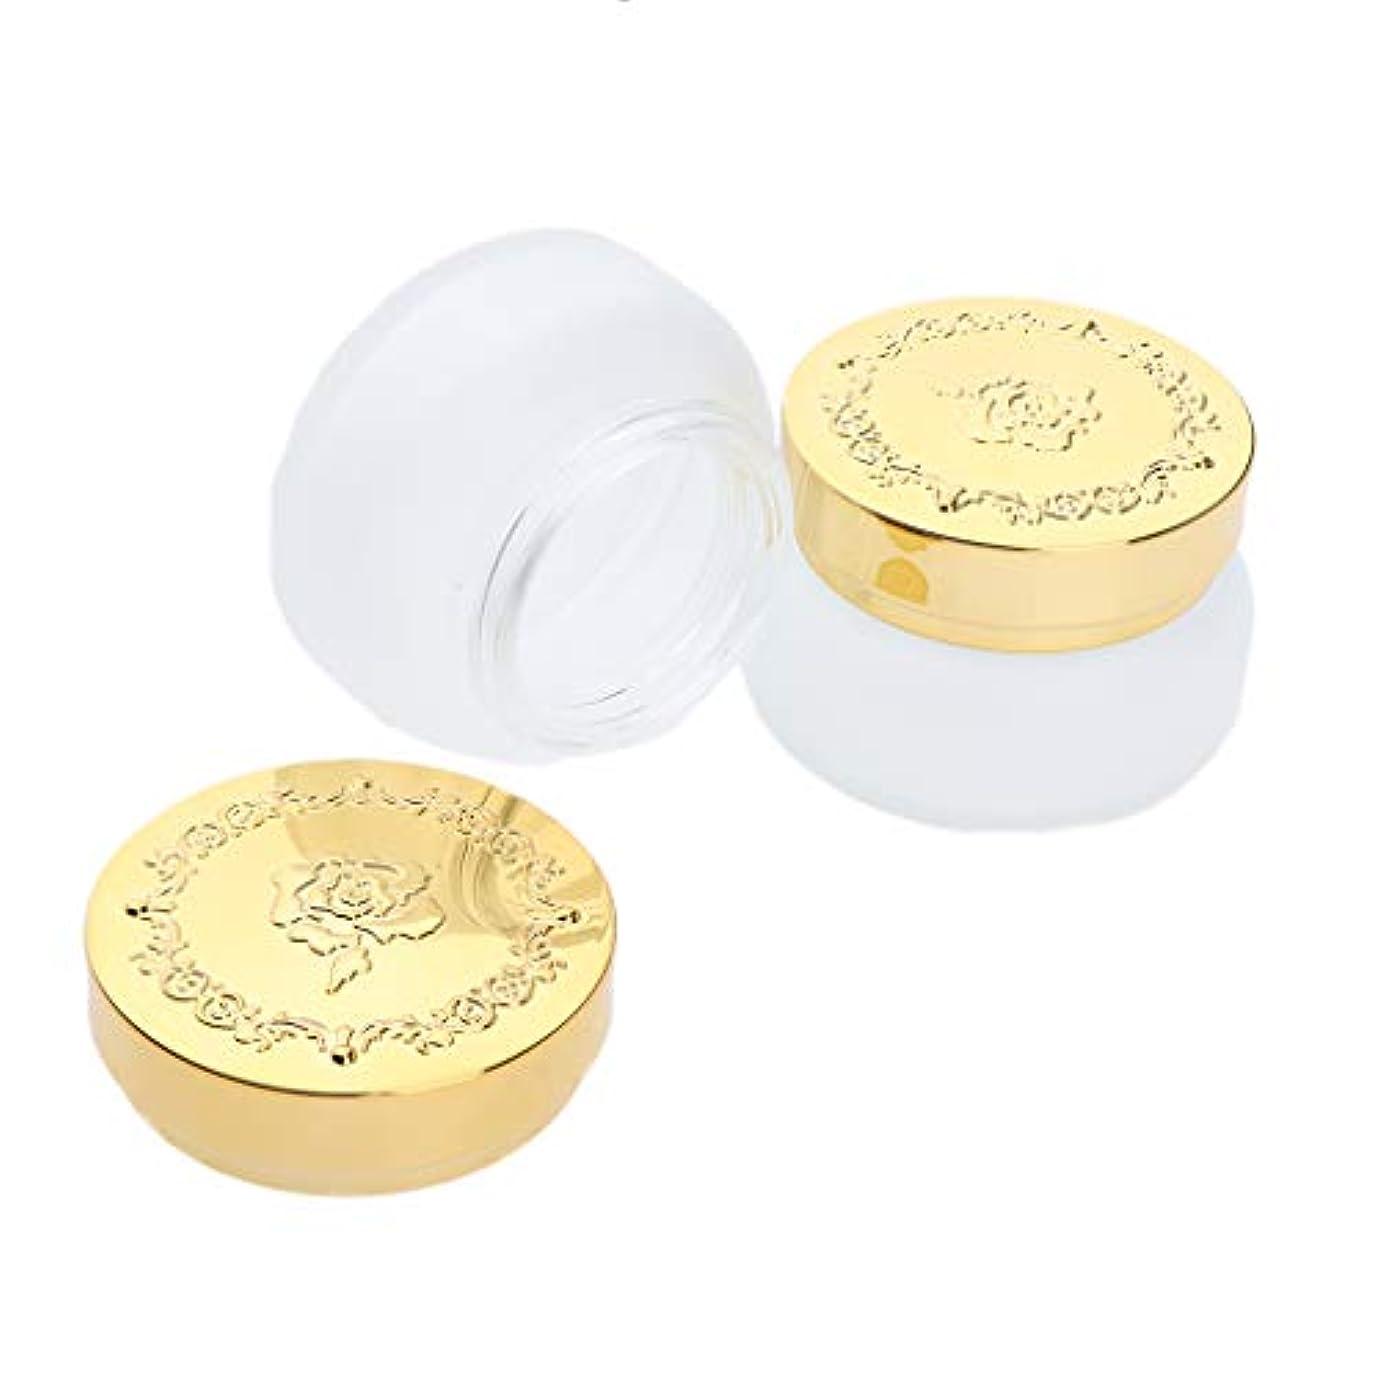 スイッチ共感する縫う2個 メイクアップジャー コスメ 詰替え容器 ガラス 旅行小物 便利 2サイズ選べ - 30g